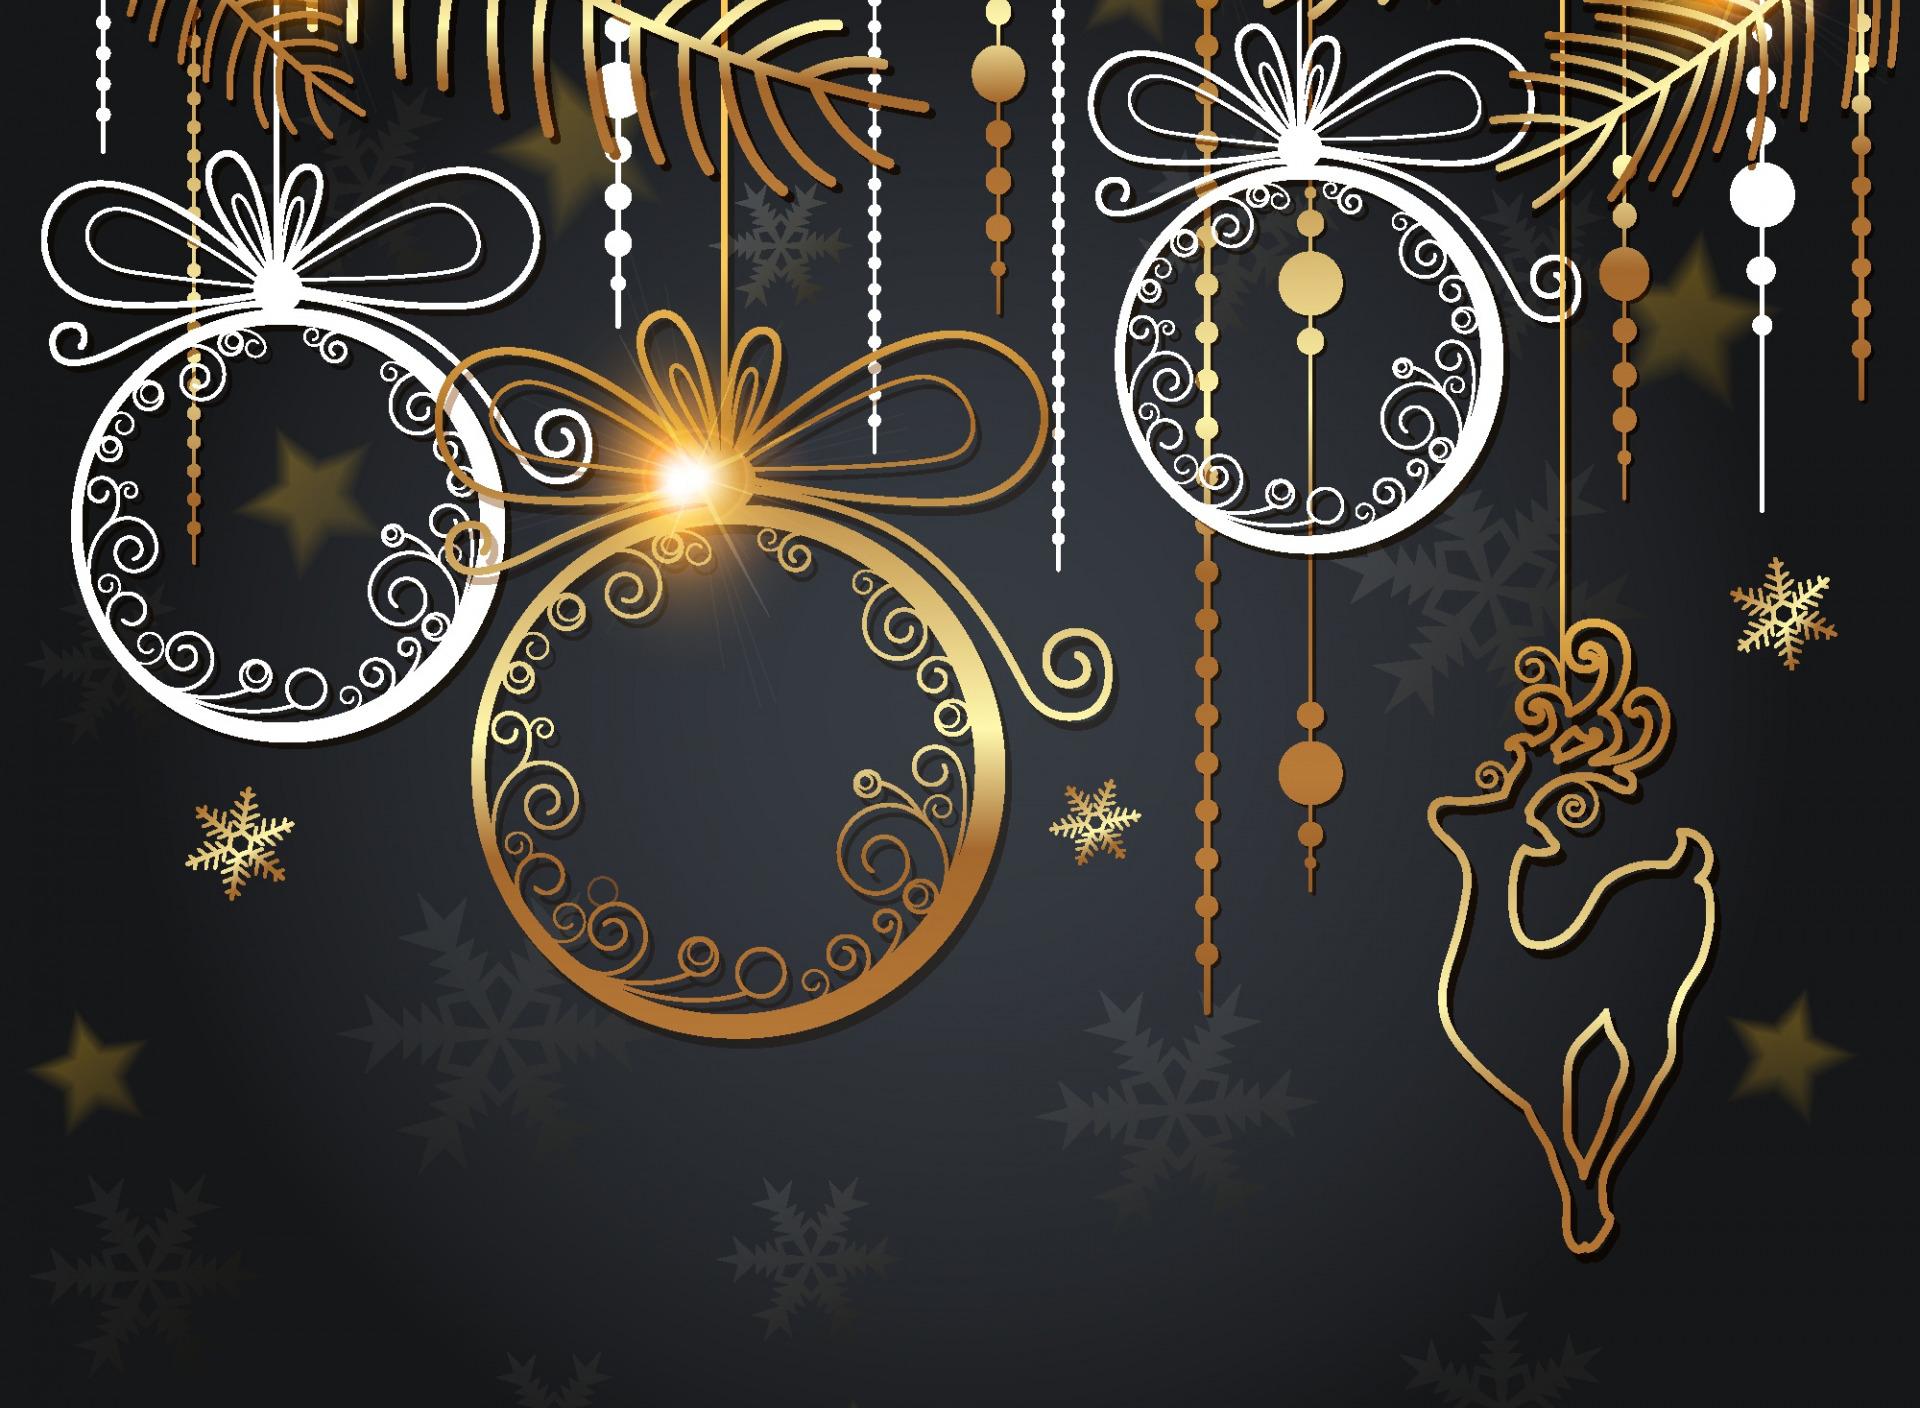 Открытки на черном фоне на новый год